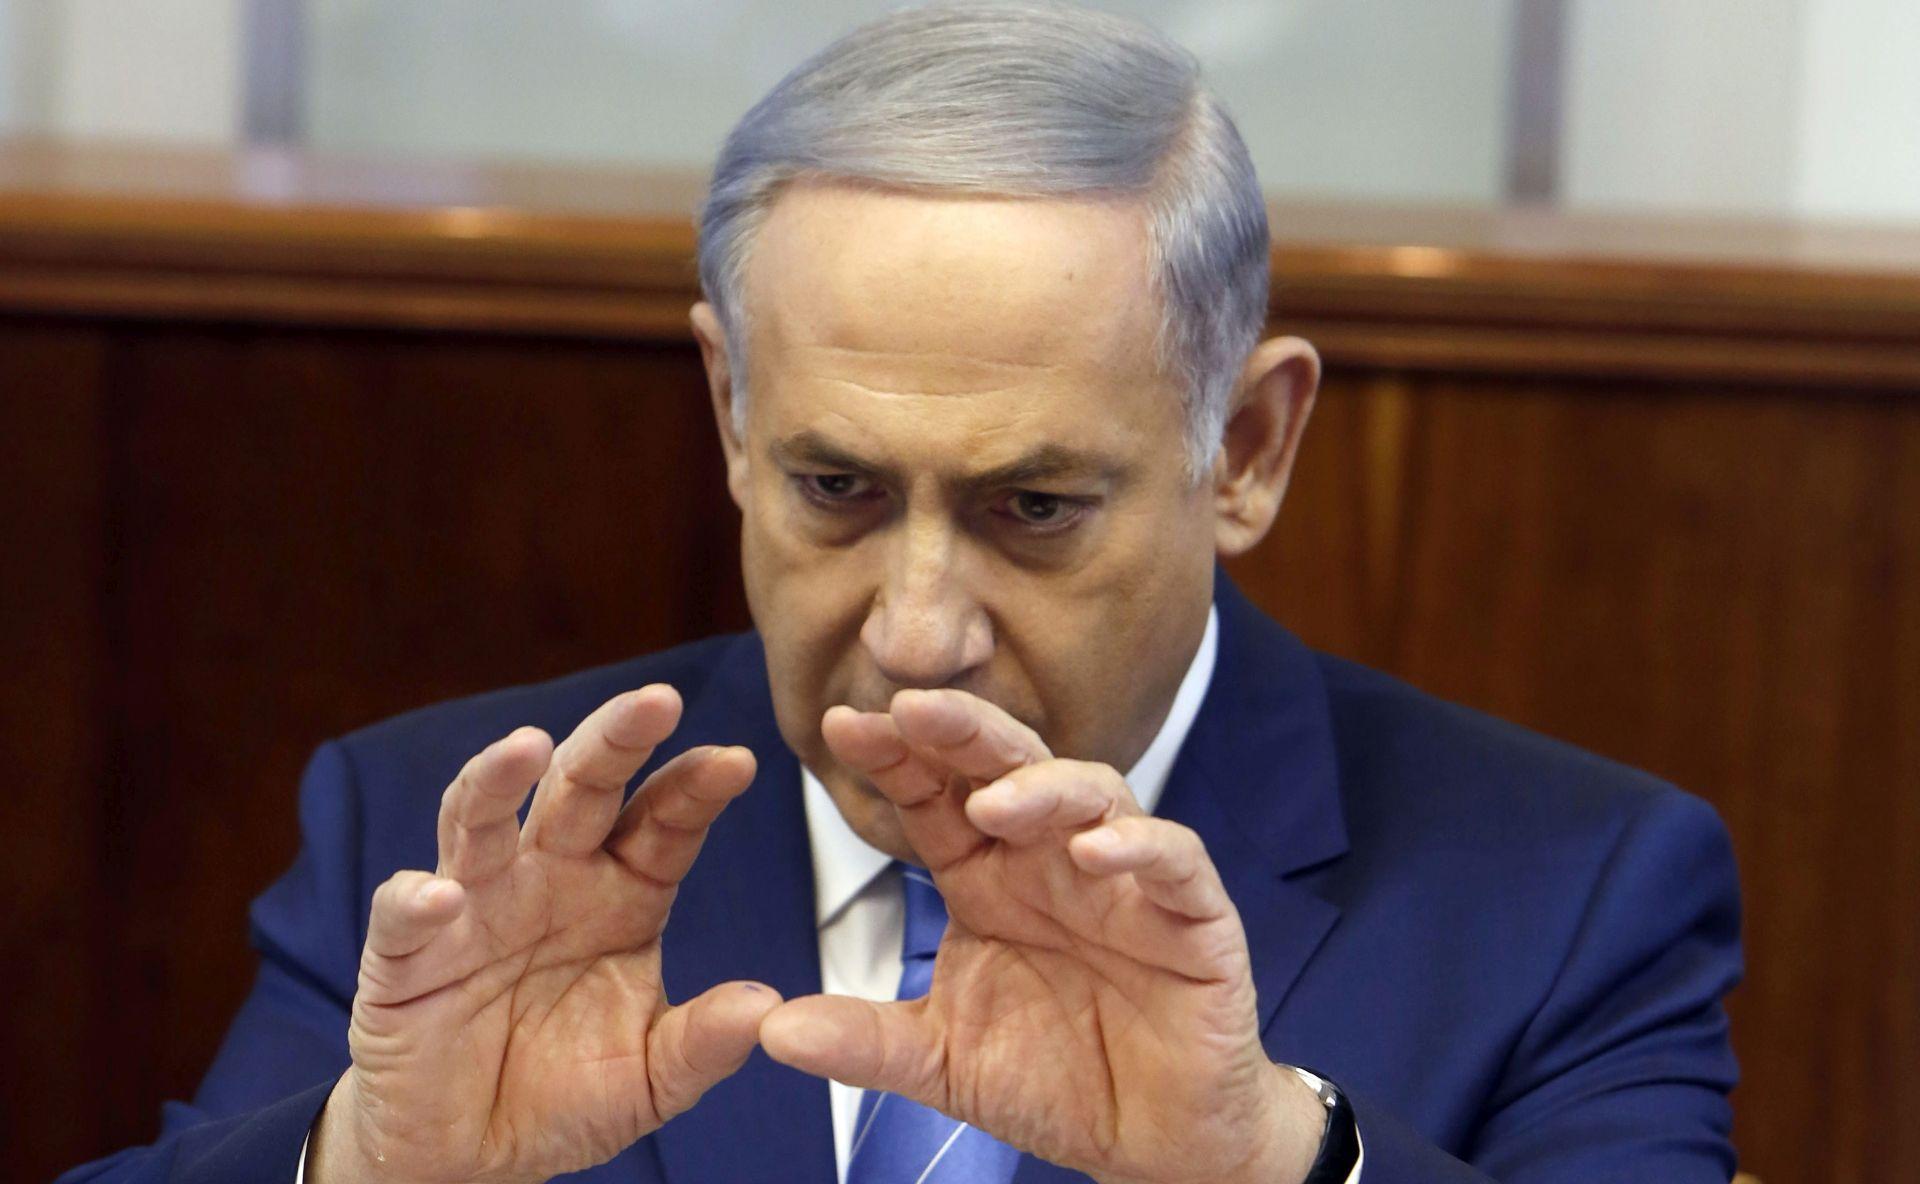 Netanyahu htio već prije napasti Iran, ali nije imao potporu